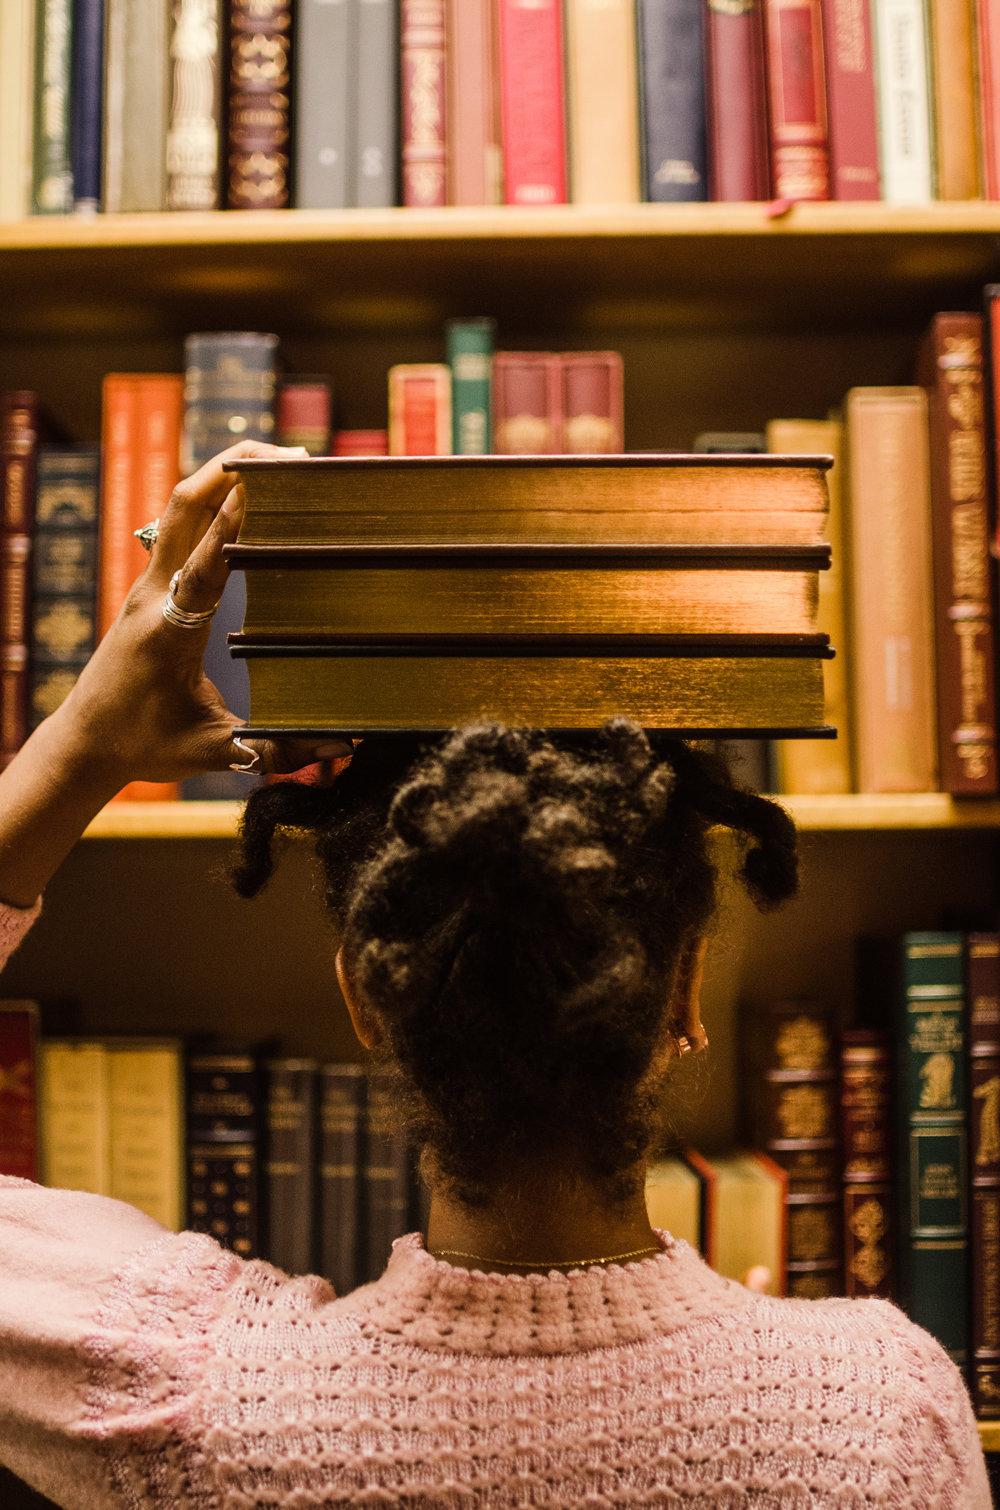 Bookstore-6.jpg